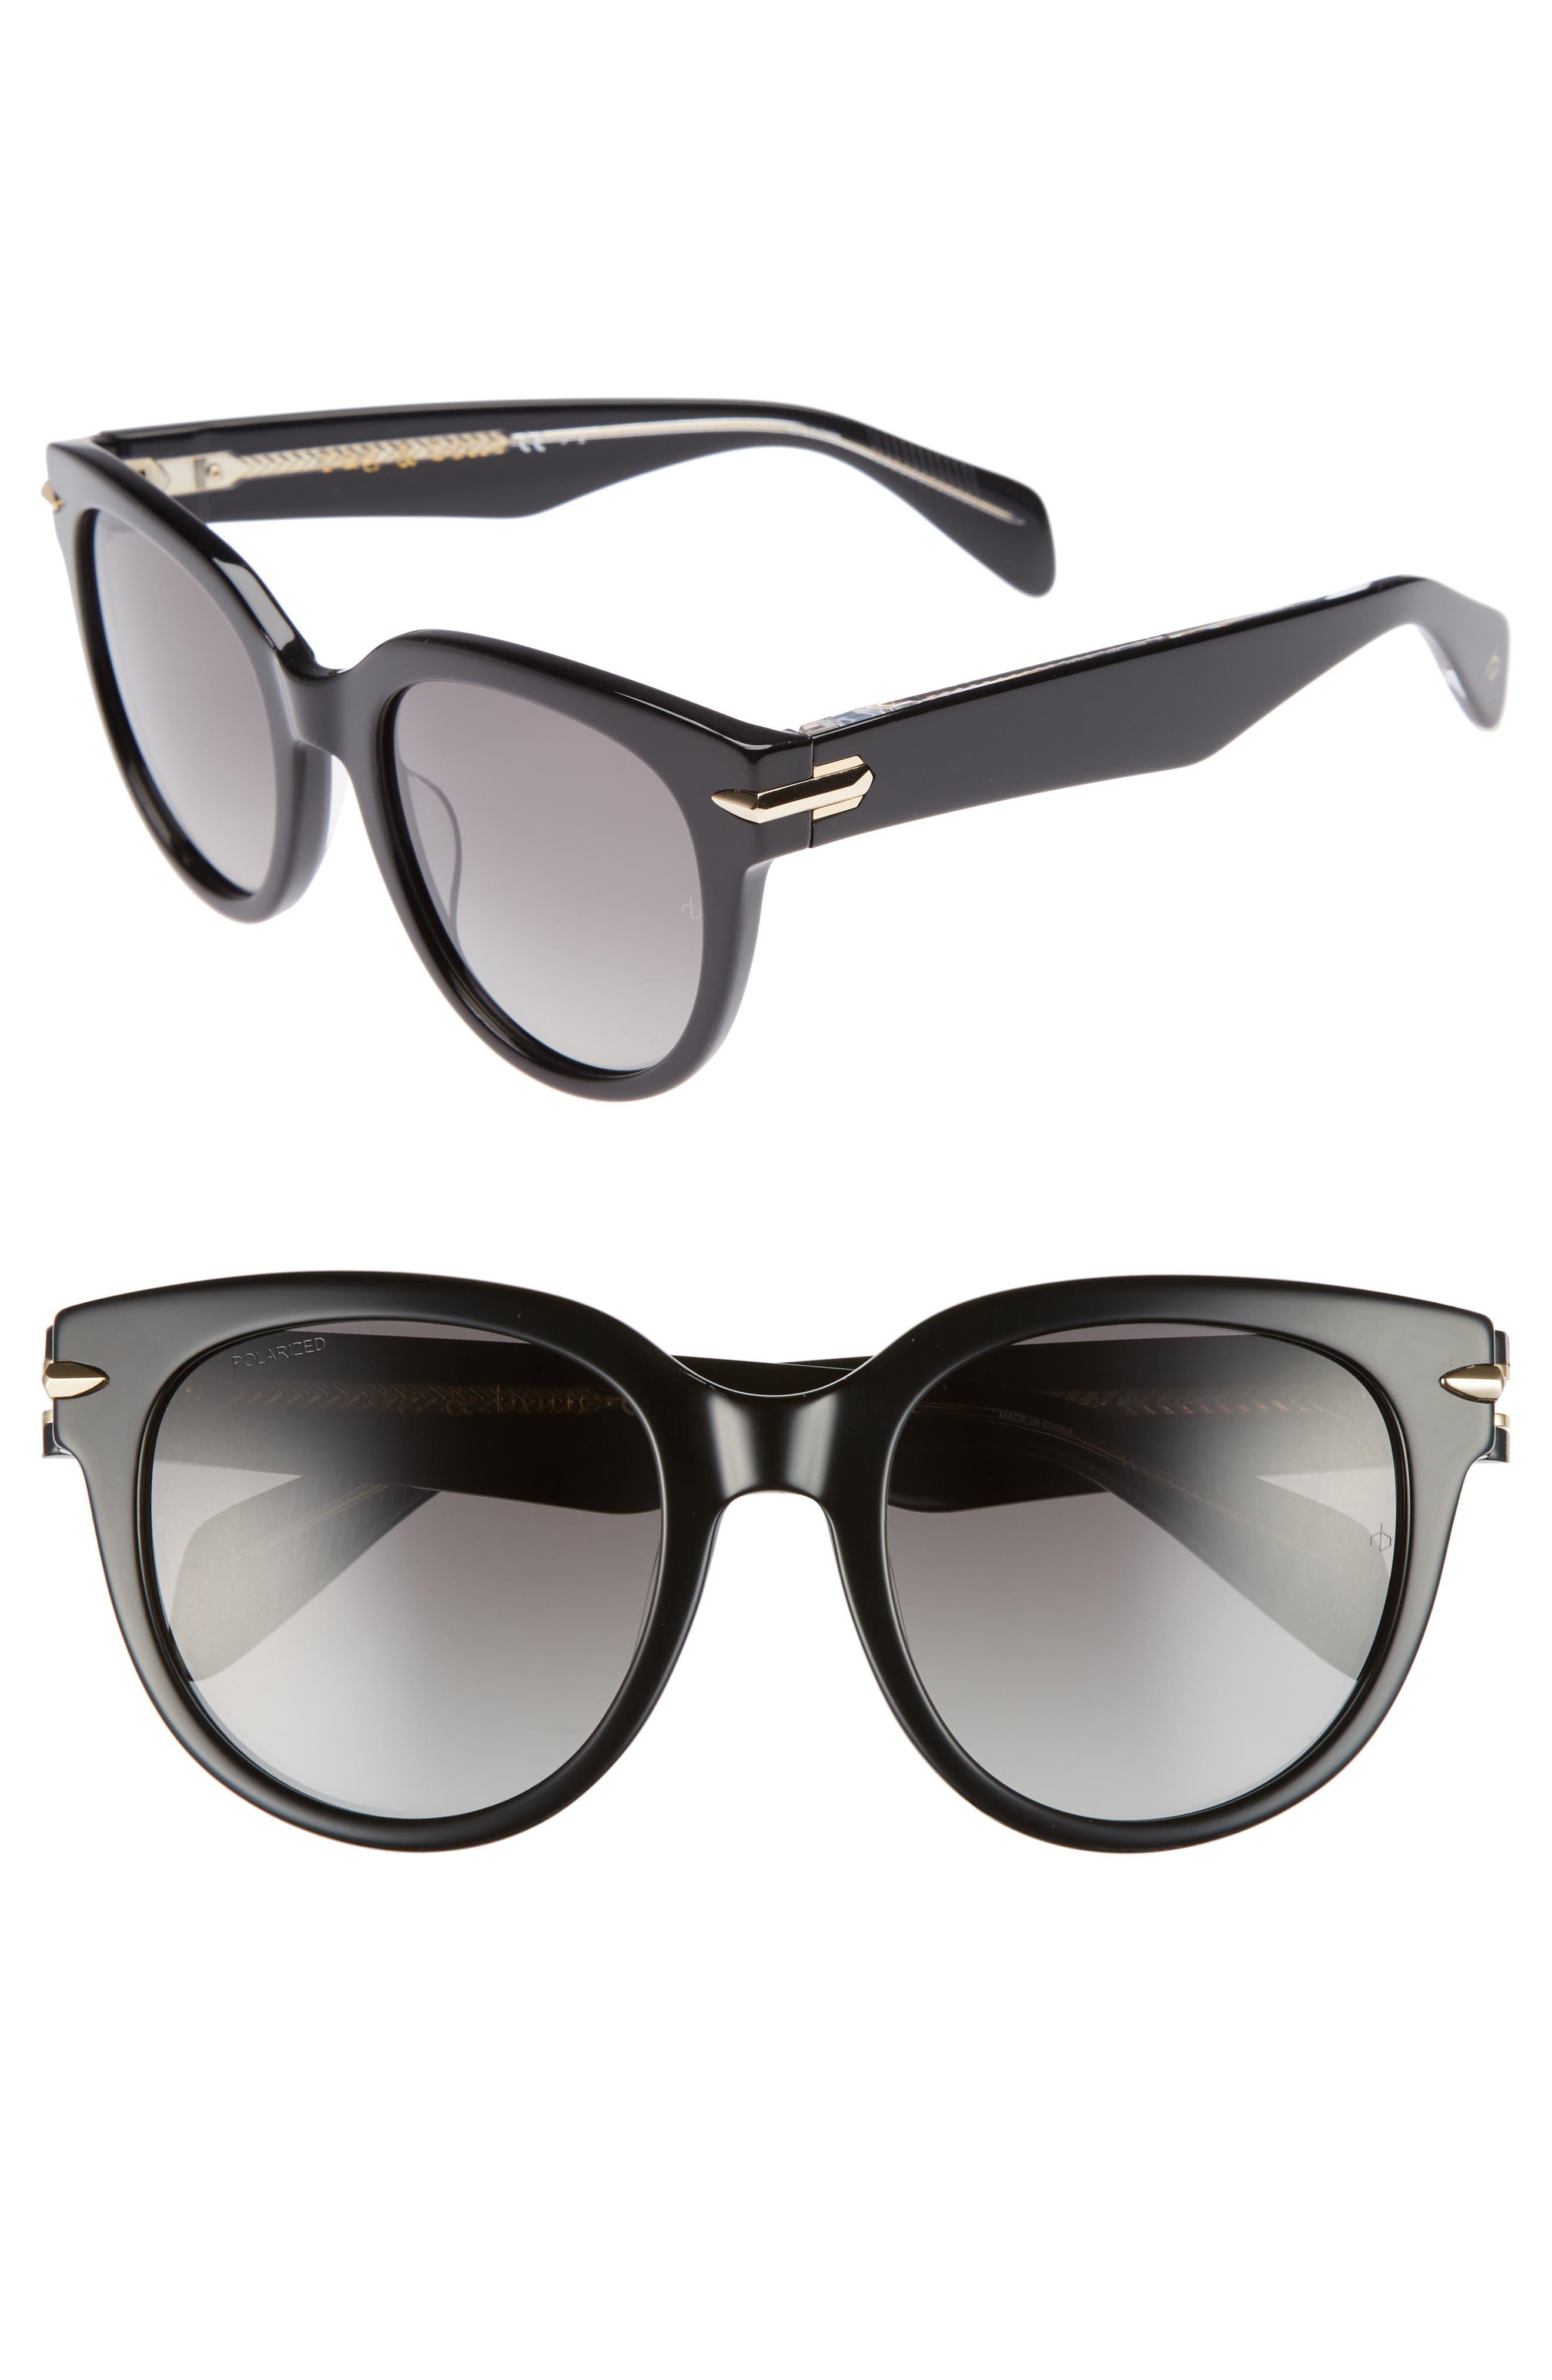 rag & bone 54mm Round Sunglasses